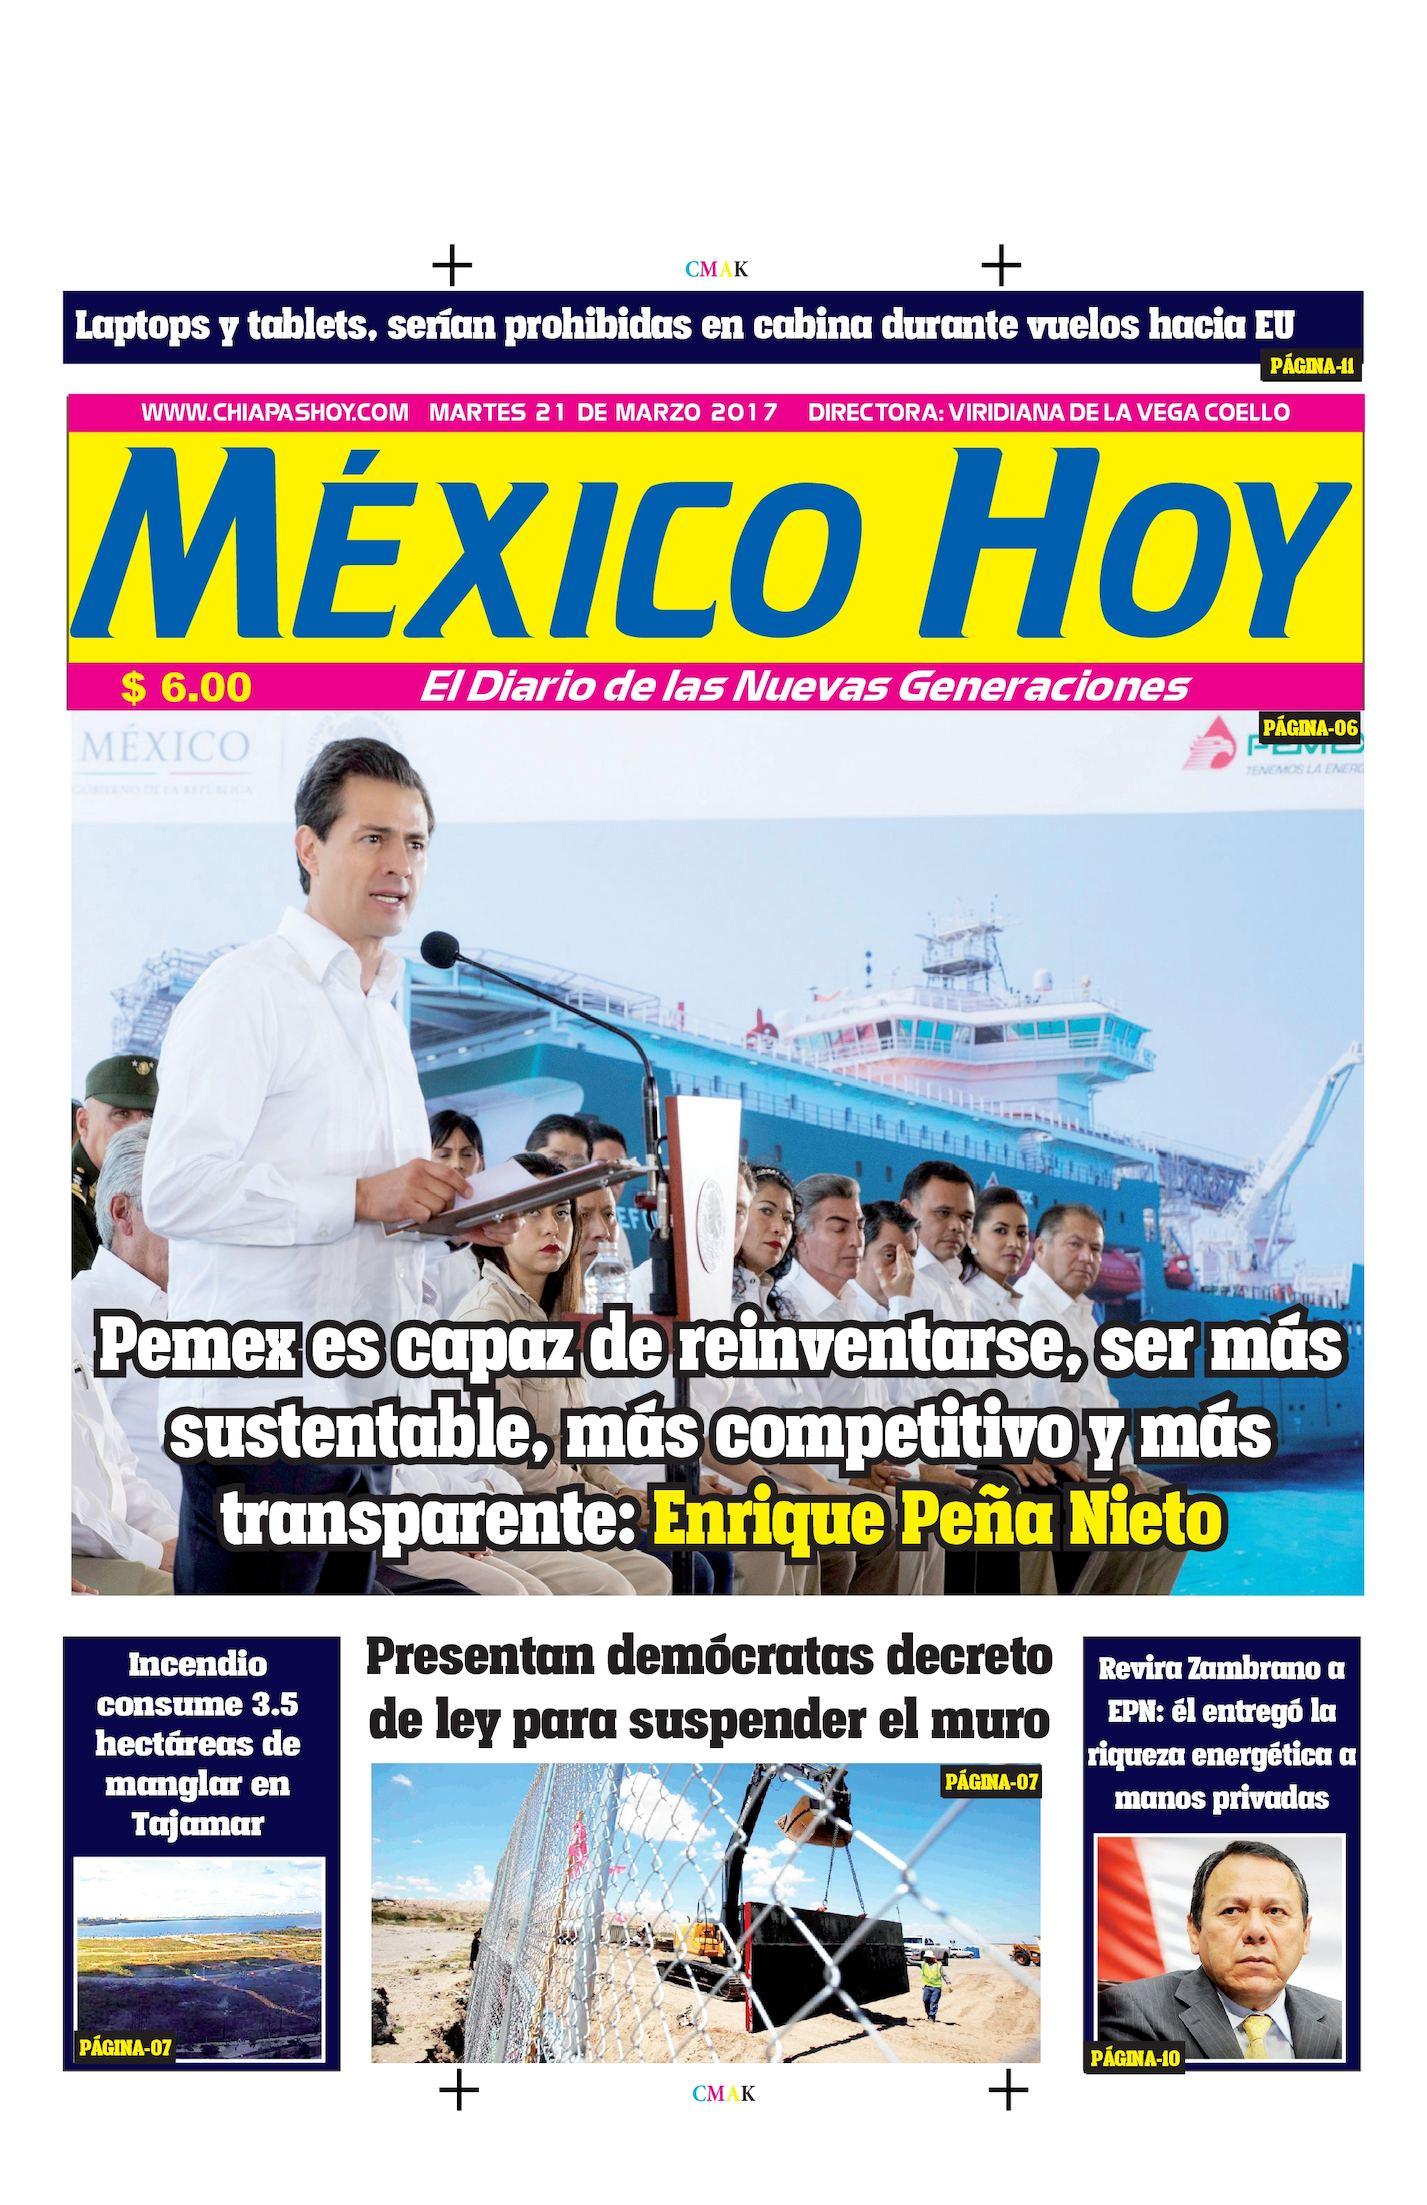 MEXICO 21 DE MARZO